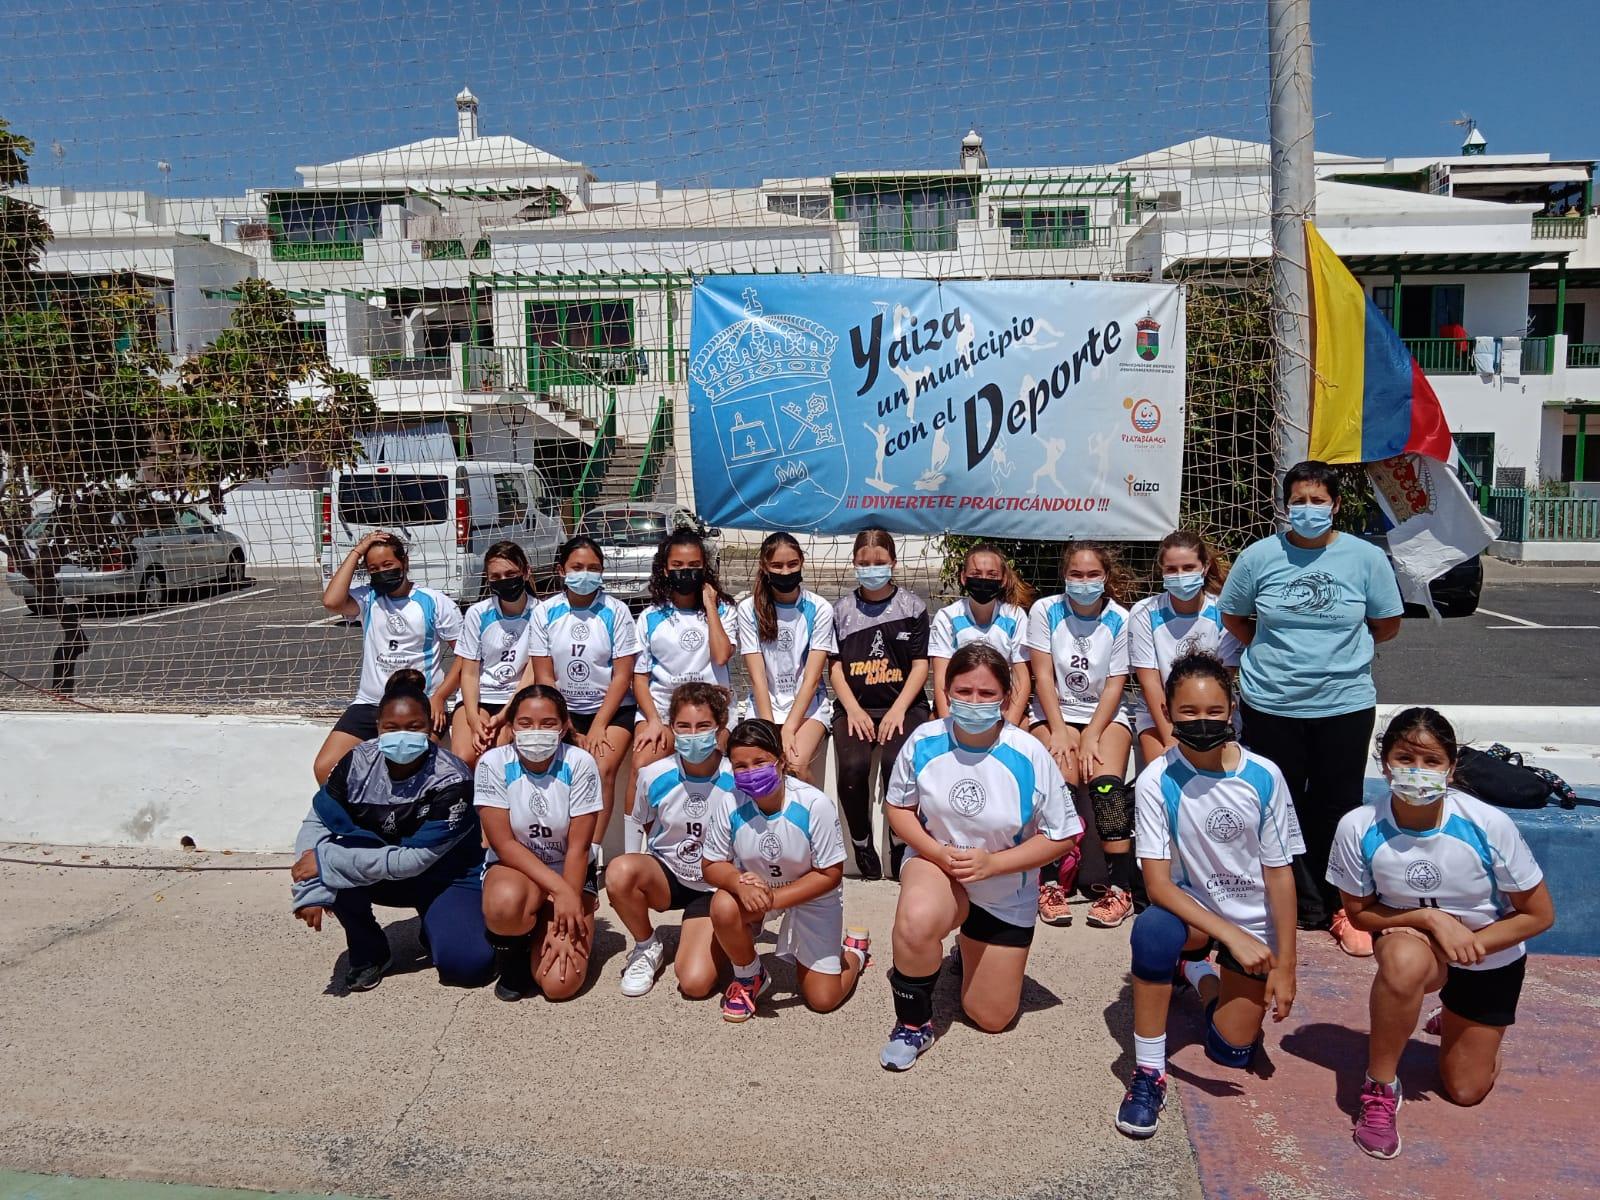 La Copa de Verano de Balonmano integra a 300 deportistas en Playa Blanca